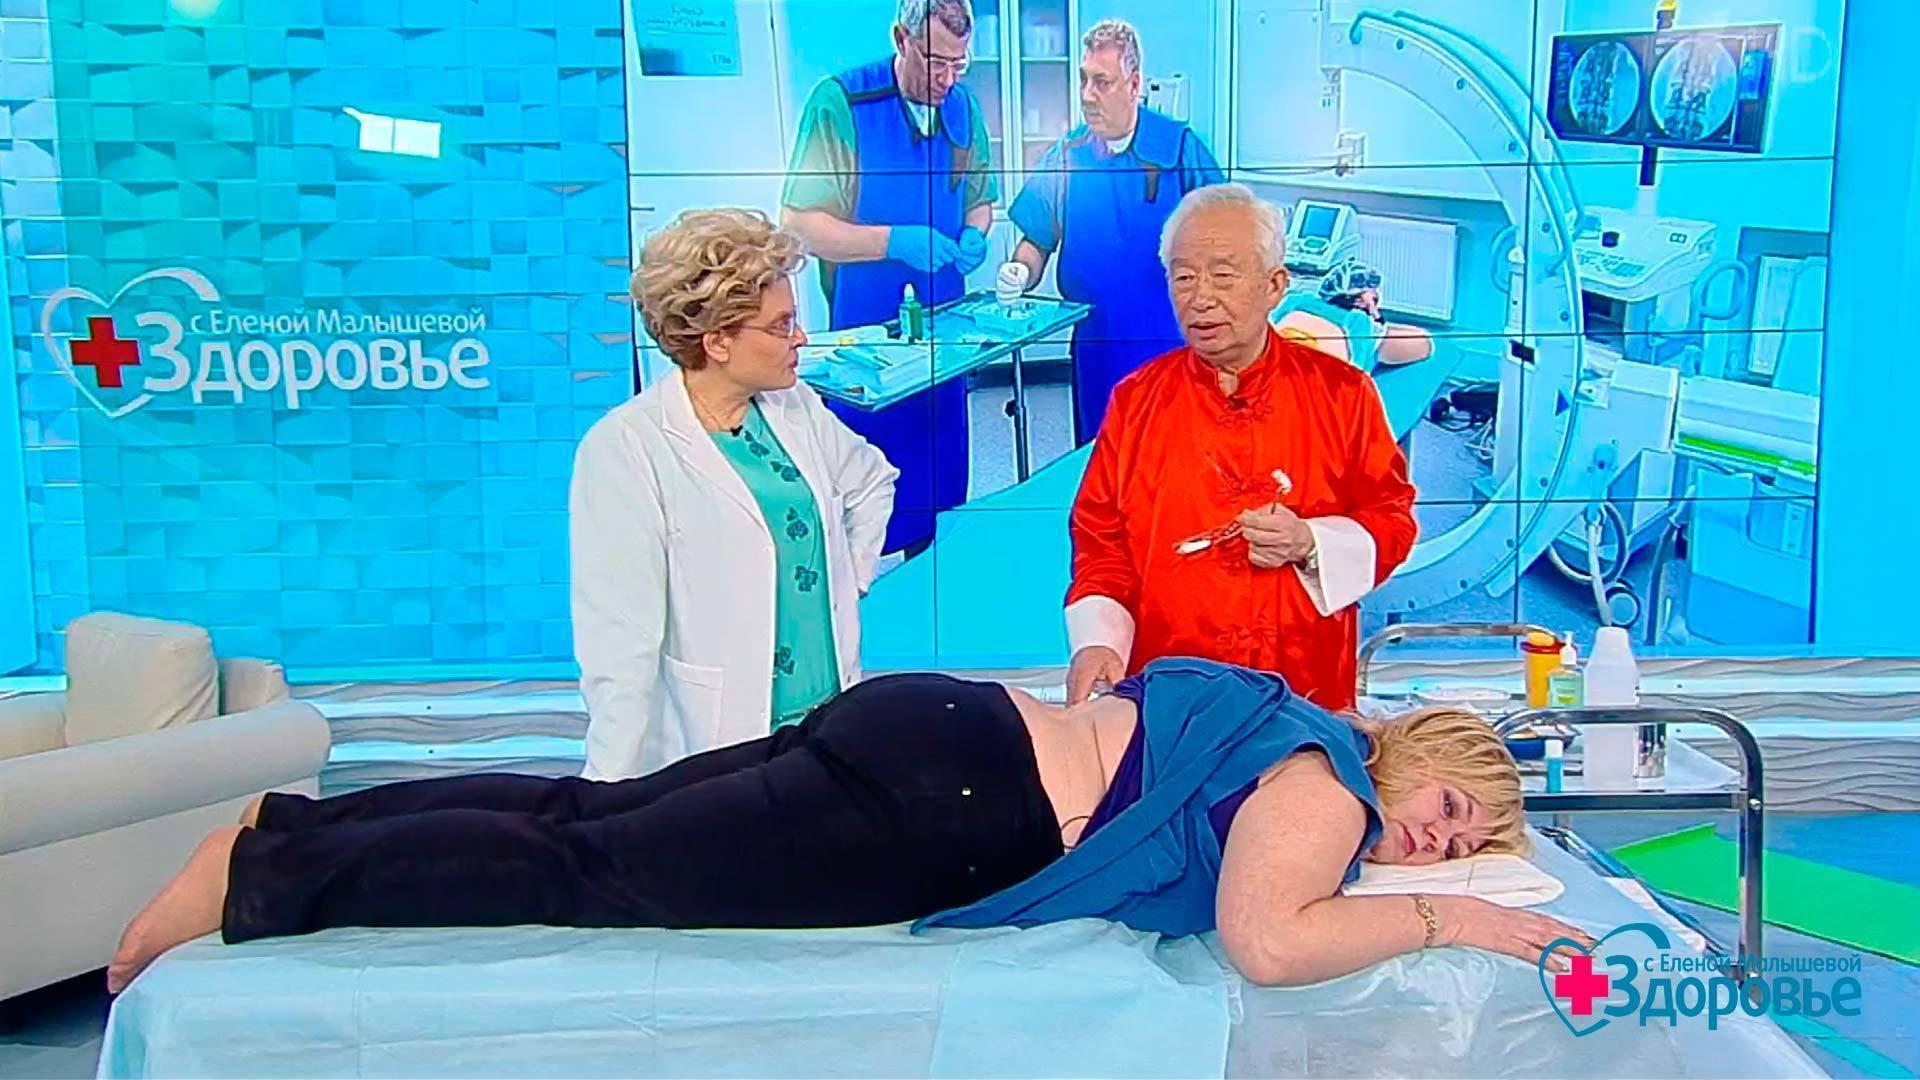 здоровье с еленой малышевой тазобедренный сустав